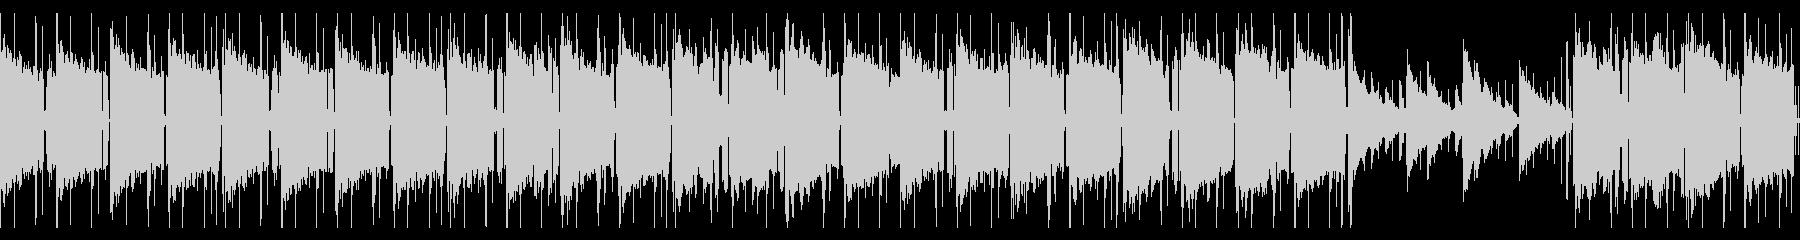 エレピ主体のLo-Fi CHILLループの未再生の波形